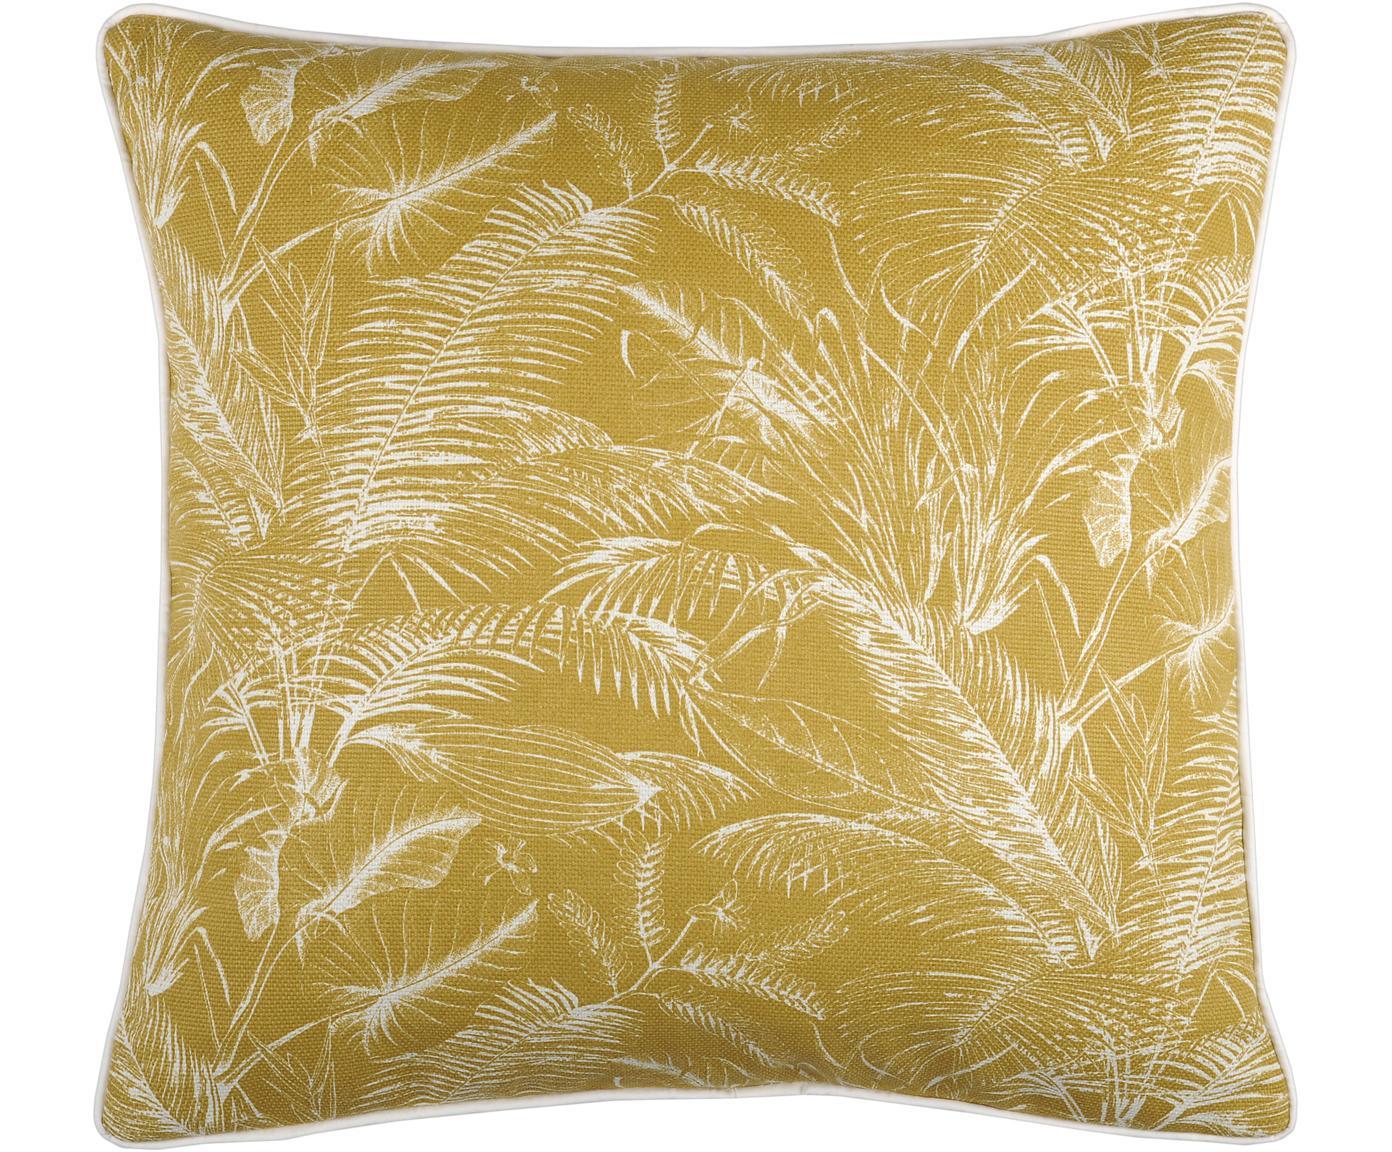 Gelbes Kissen Tropicale mit Palmen Print, mit Inlett, 100% Baumwolle, Senfgelb, 50 x 50 cm